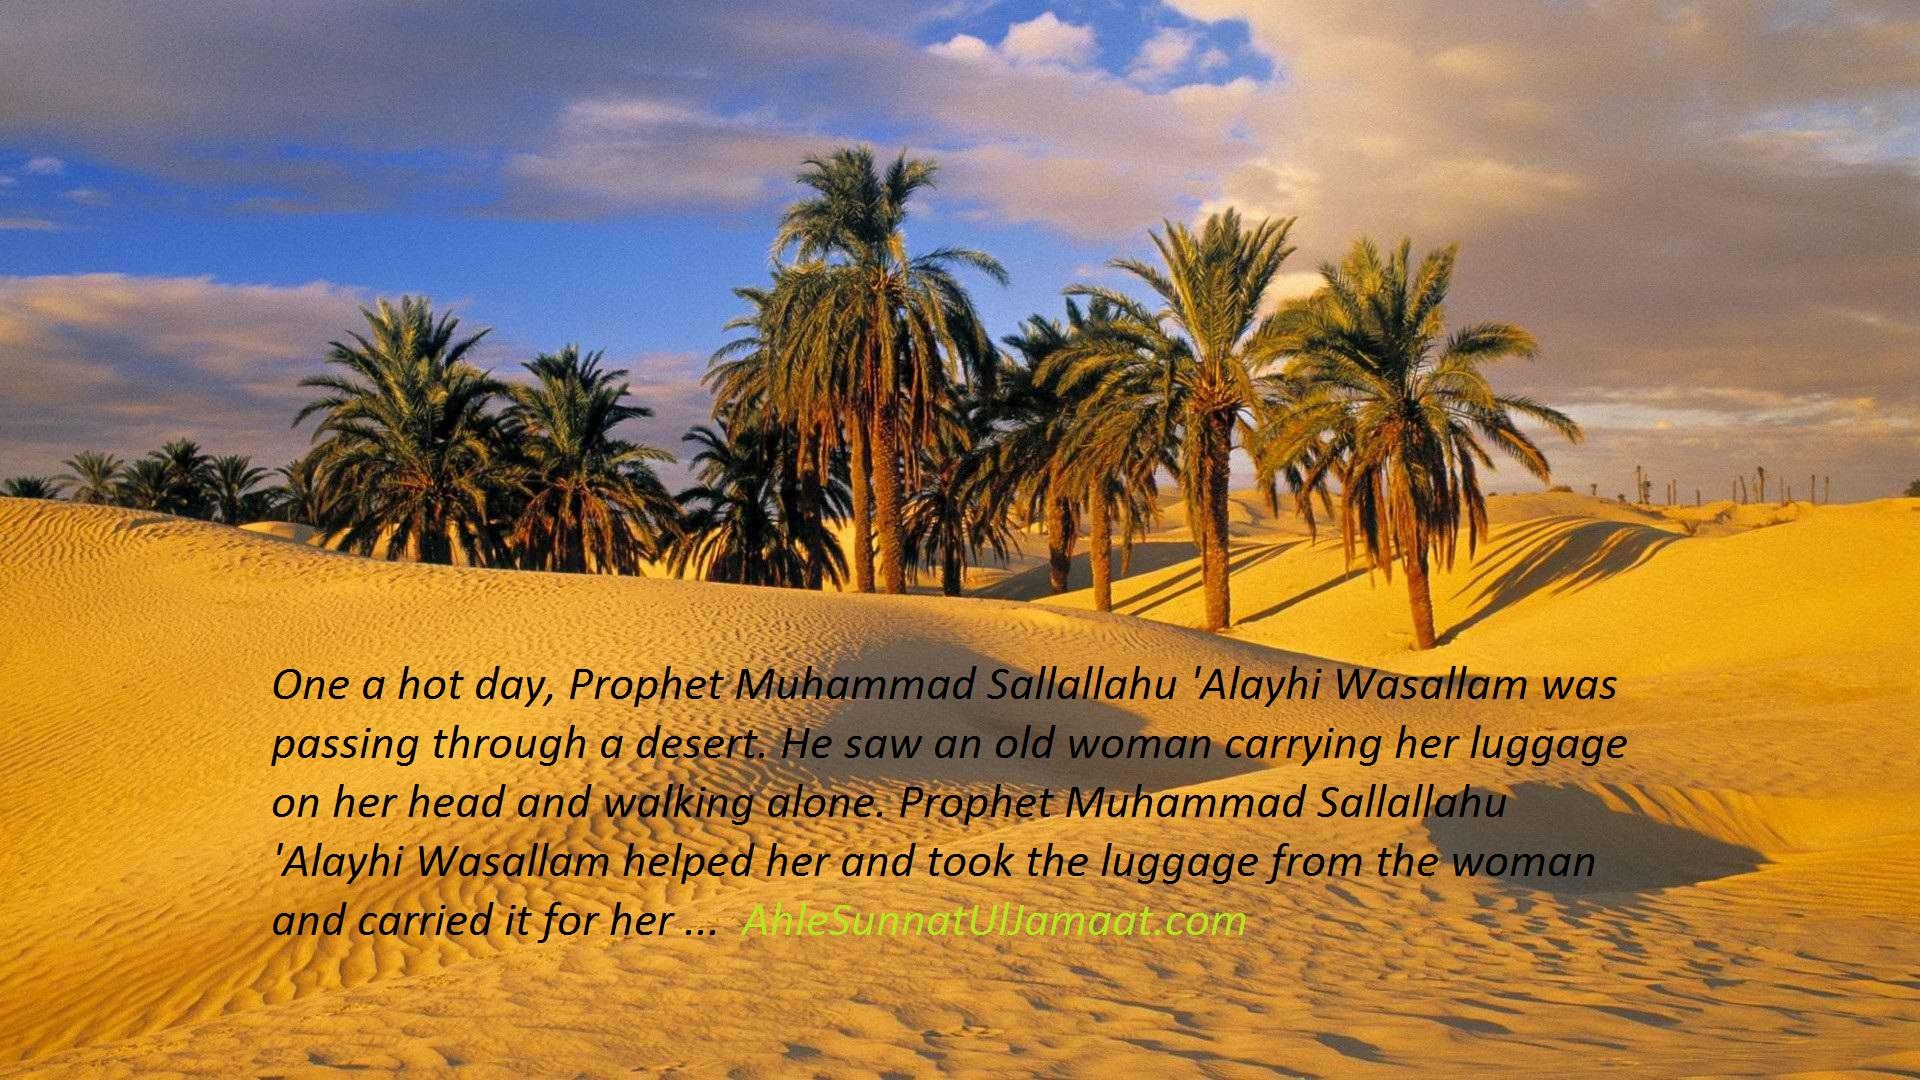 Prophet Muhammad Sallallahu 'Alayhi Wasallam